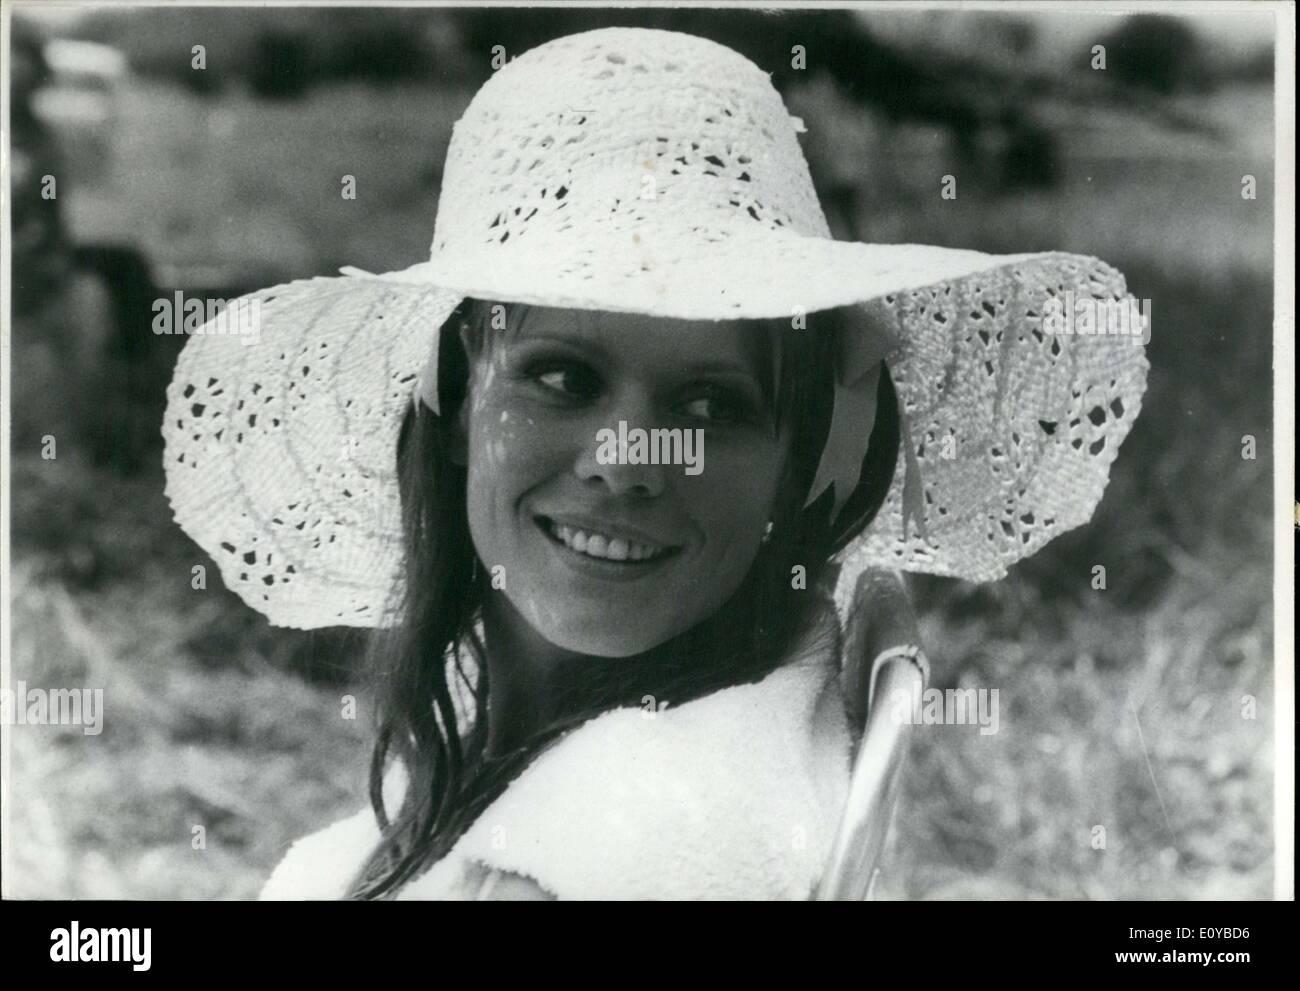 Stella Bonheur Hot nude Wendie Jo Sperber,Tricia Helfer CAN 2 1997-1998